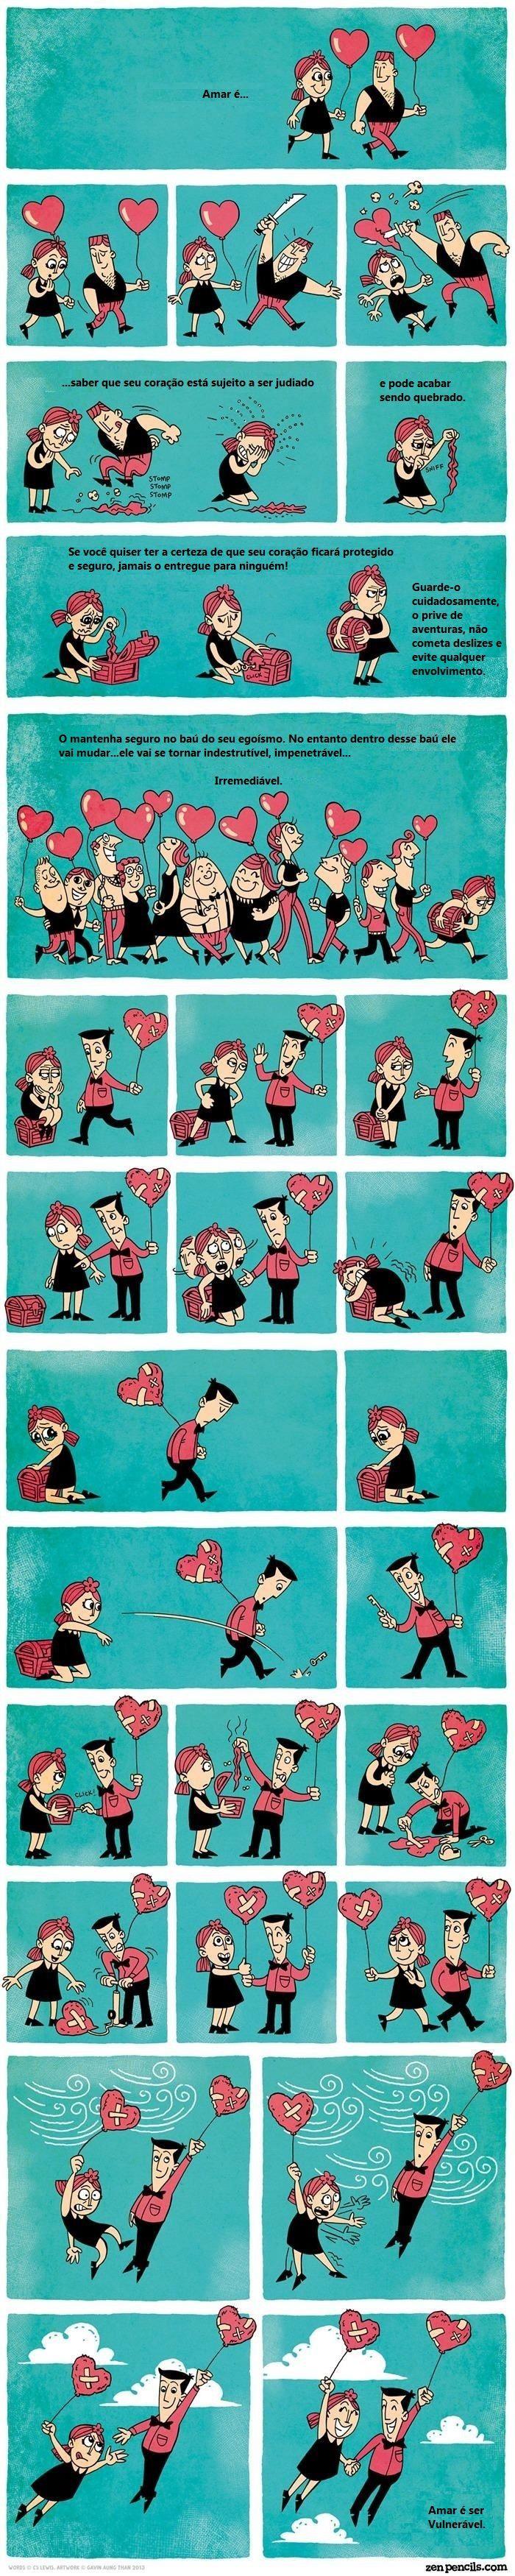 Amar é ser vulnerável - Incrível tirinha sobre o significado de amar - Mundo Interpessoal